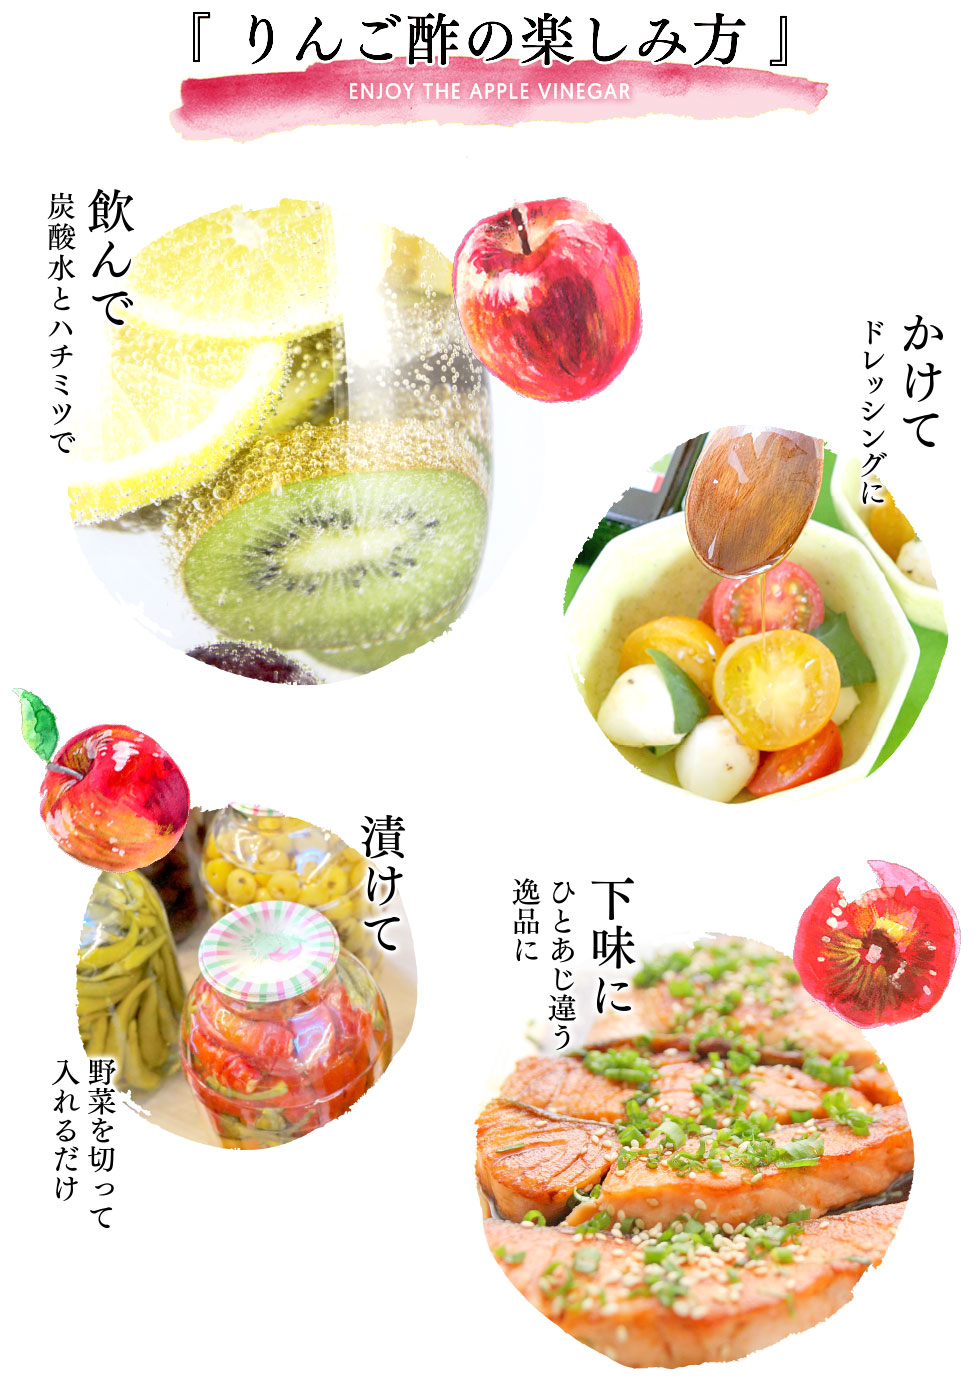 高品質の有機りんご酢